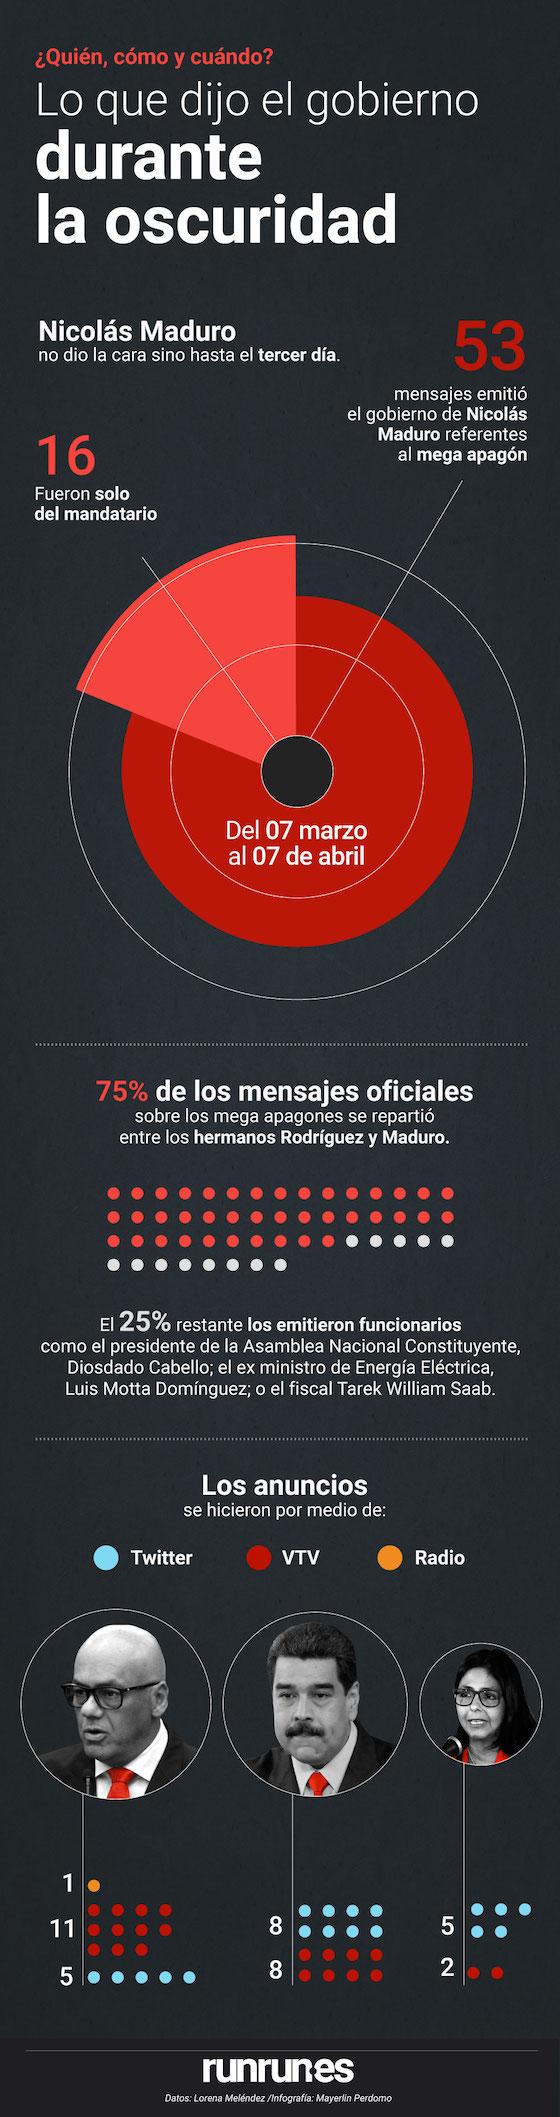 infografía de los mega apagones